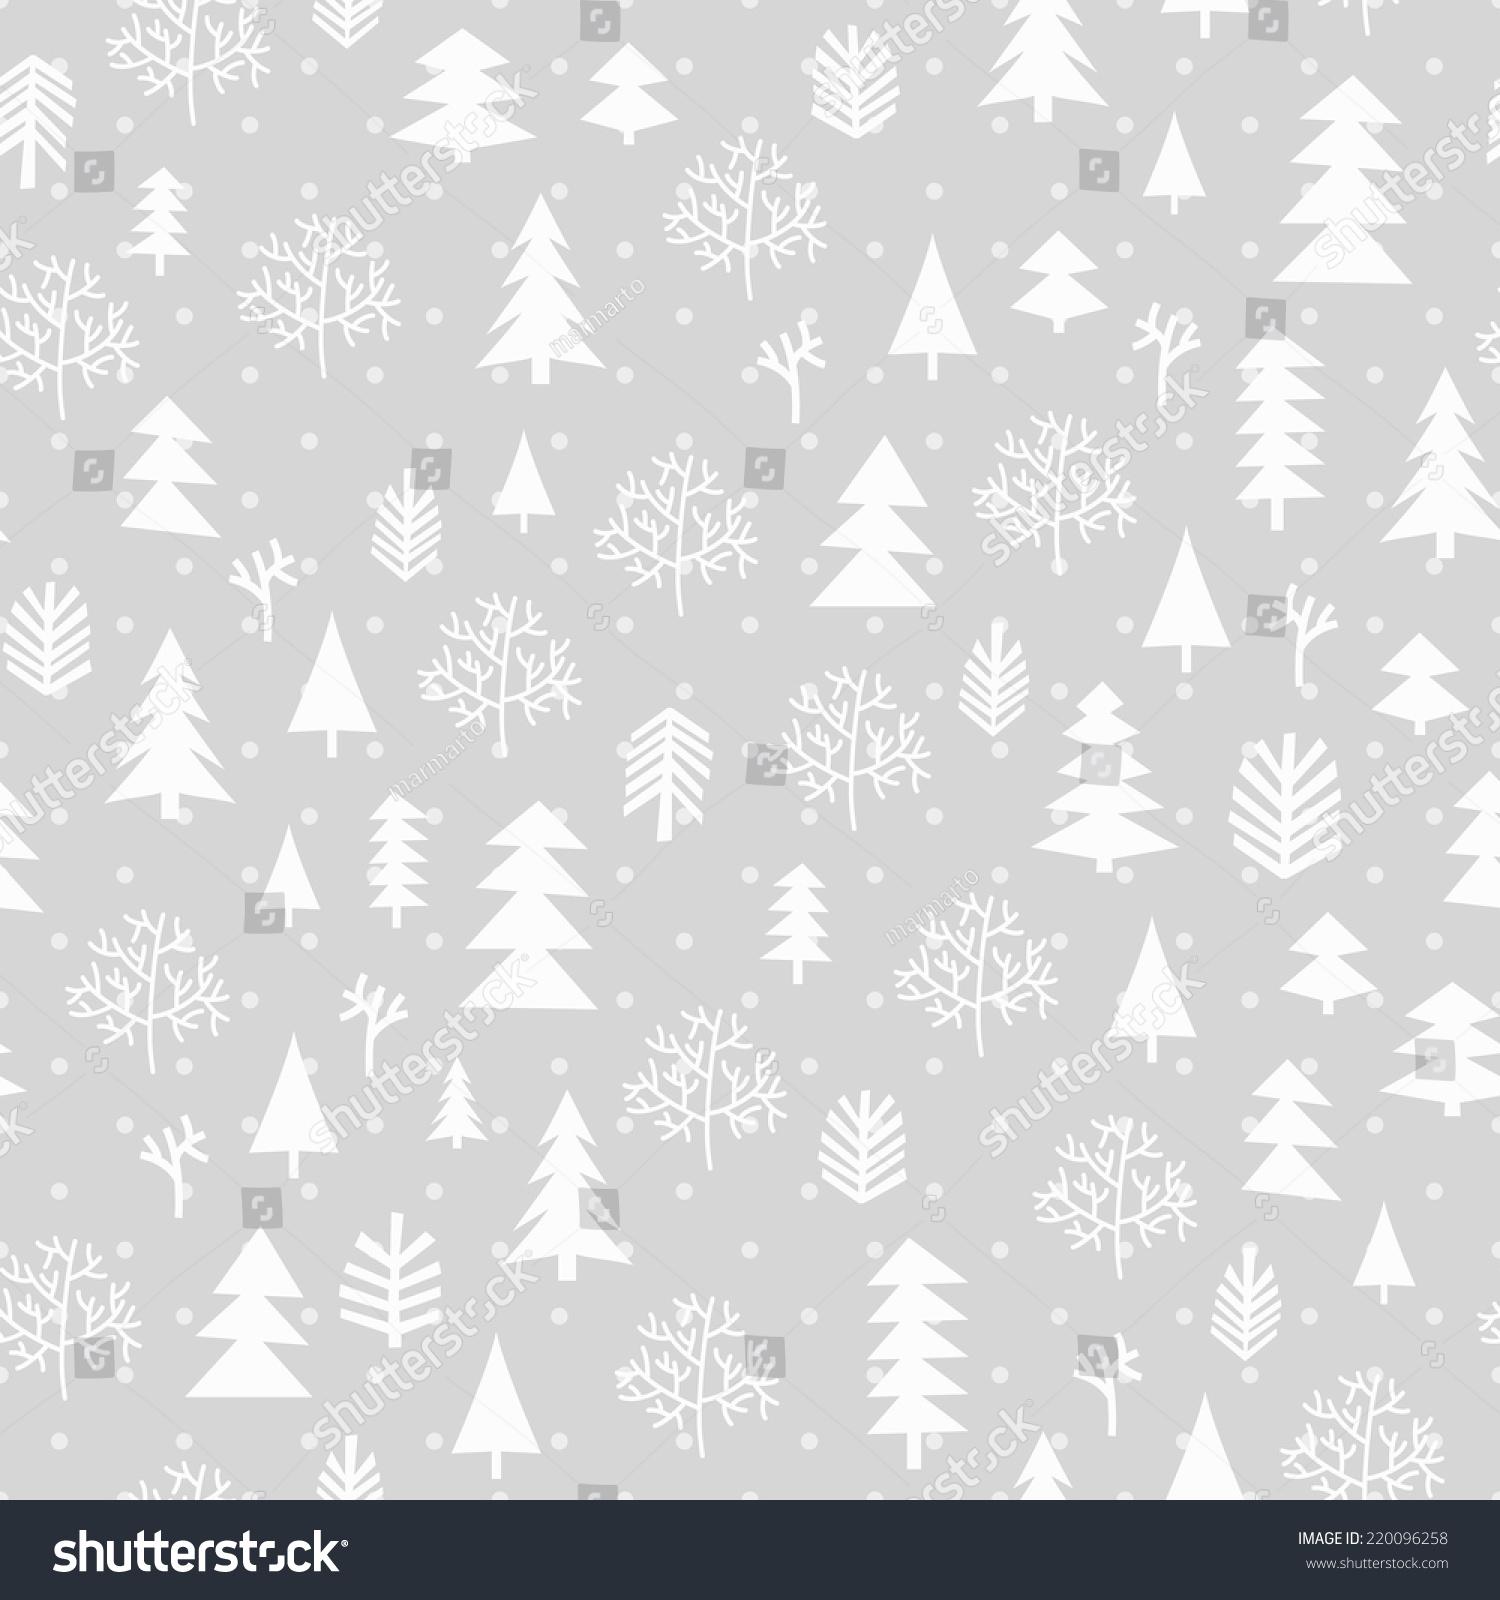 冬季森林背景.无缝模式为冬季和圣诞主题.矢量插图.